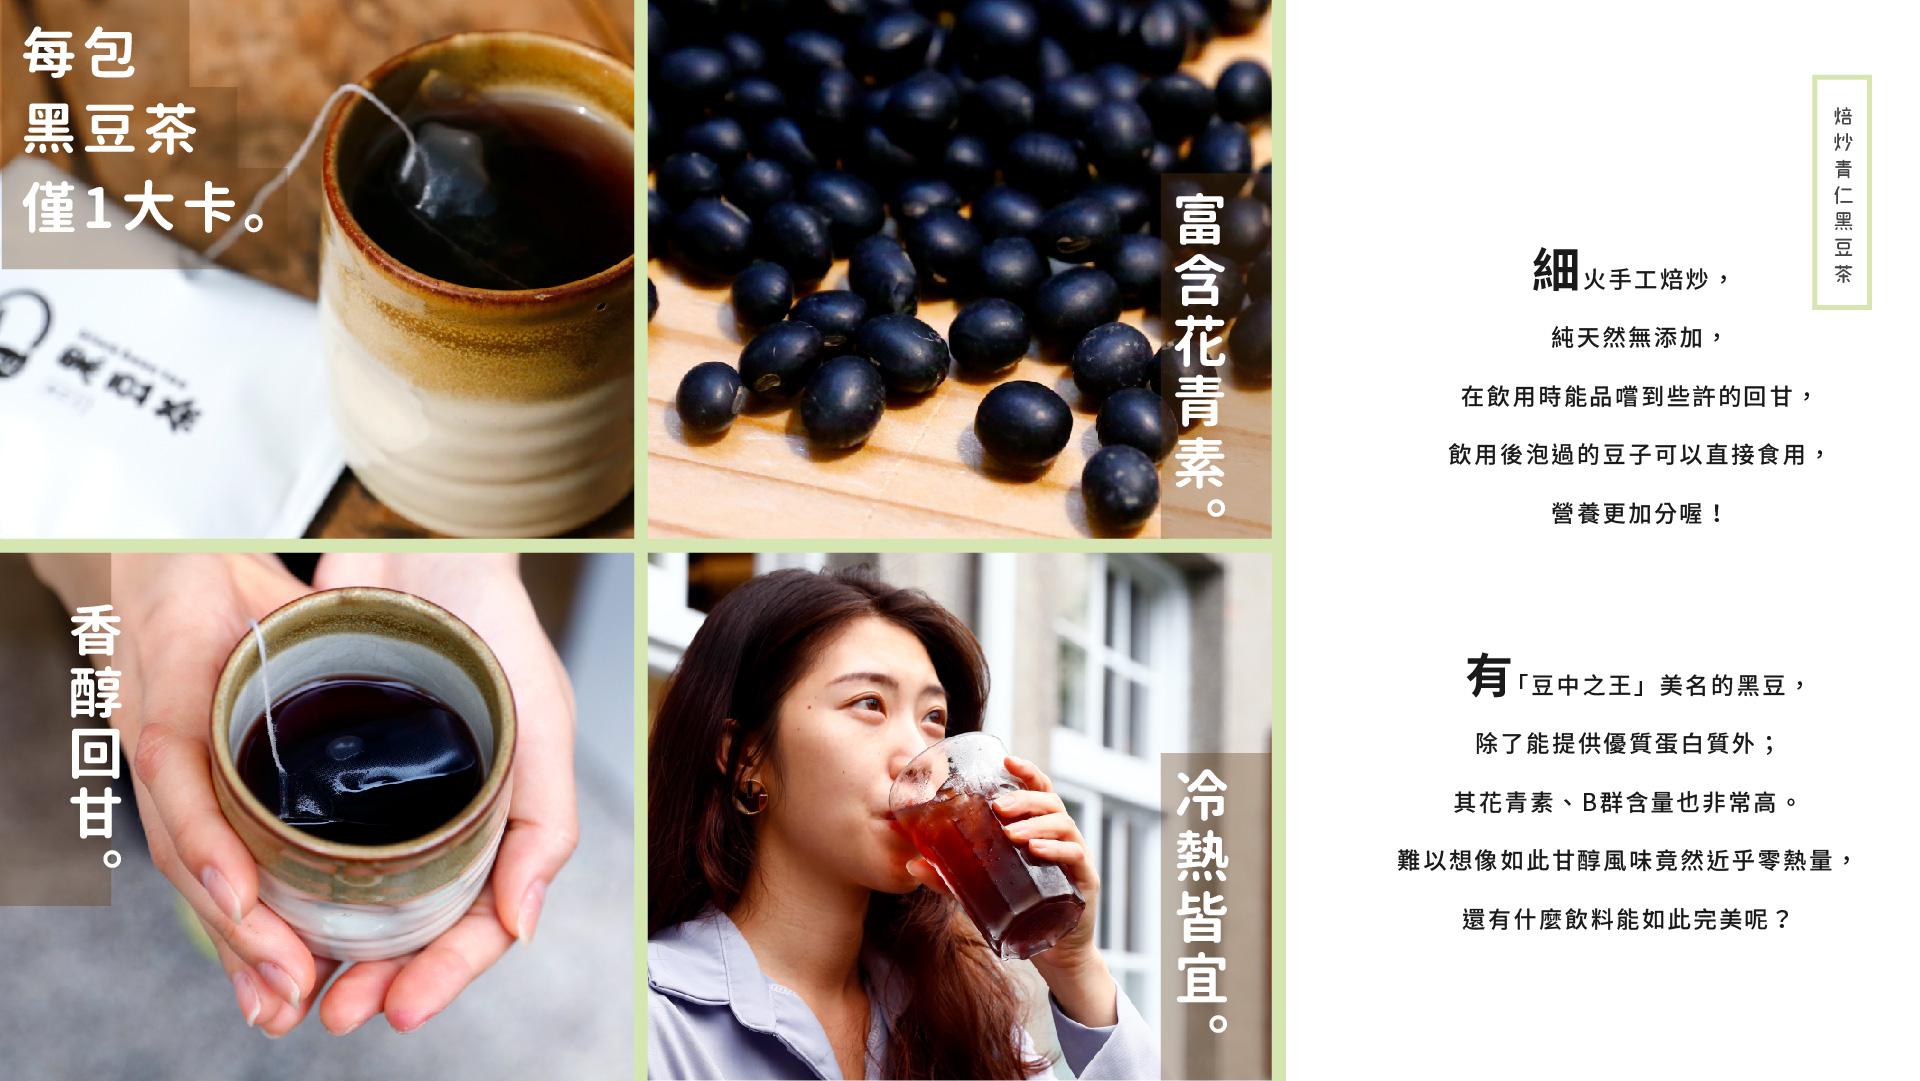 培炒青仁黑豆茶  細火手工培炒,純天然無添加,再飲用時能品嘗到些許的回甘,飲用後泡過的豆子可以直接食用,營養更加分喔!  有「豆中之王」美名的黑豆,除了能提供優質蛋白質外,其花青素、B群含量也非常高。難以想像如此甘醇風味竟然近乎零熱量,還有甚麼飲料能如此完美呢?